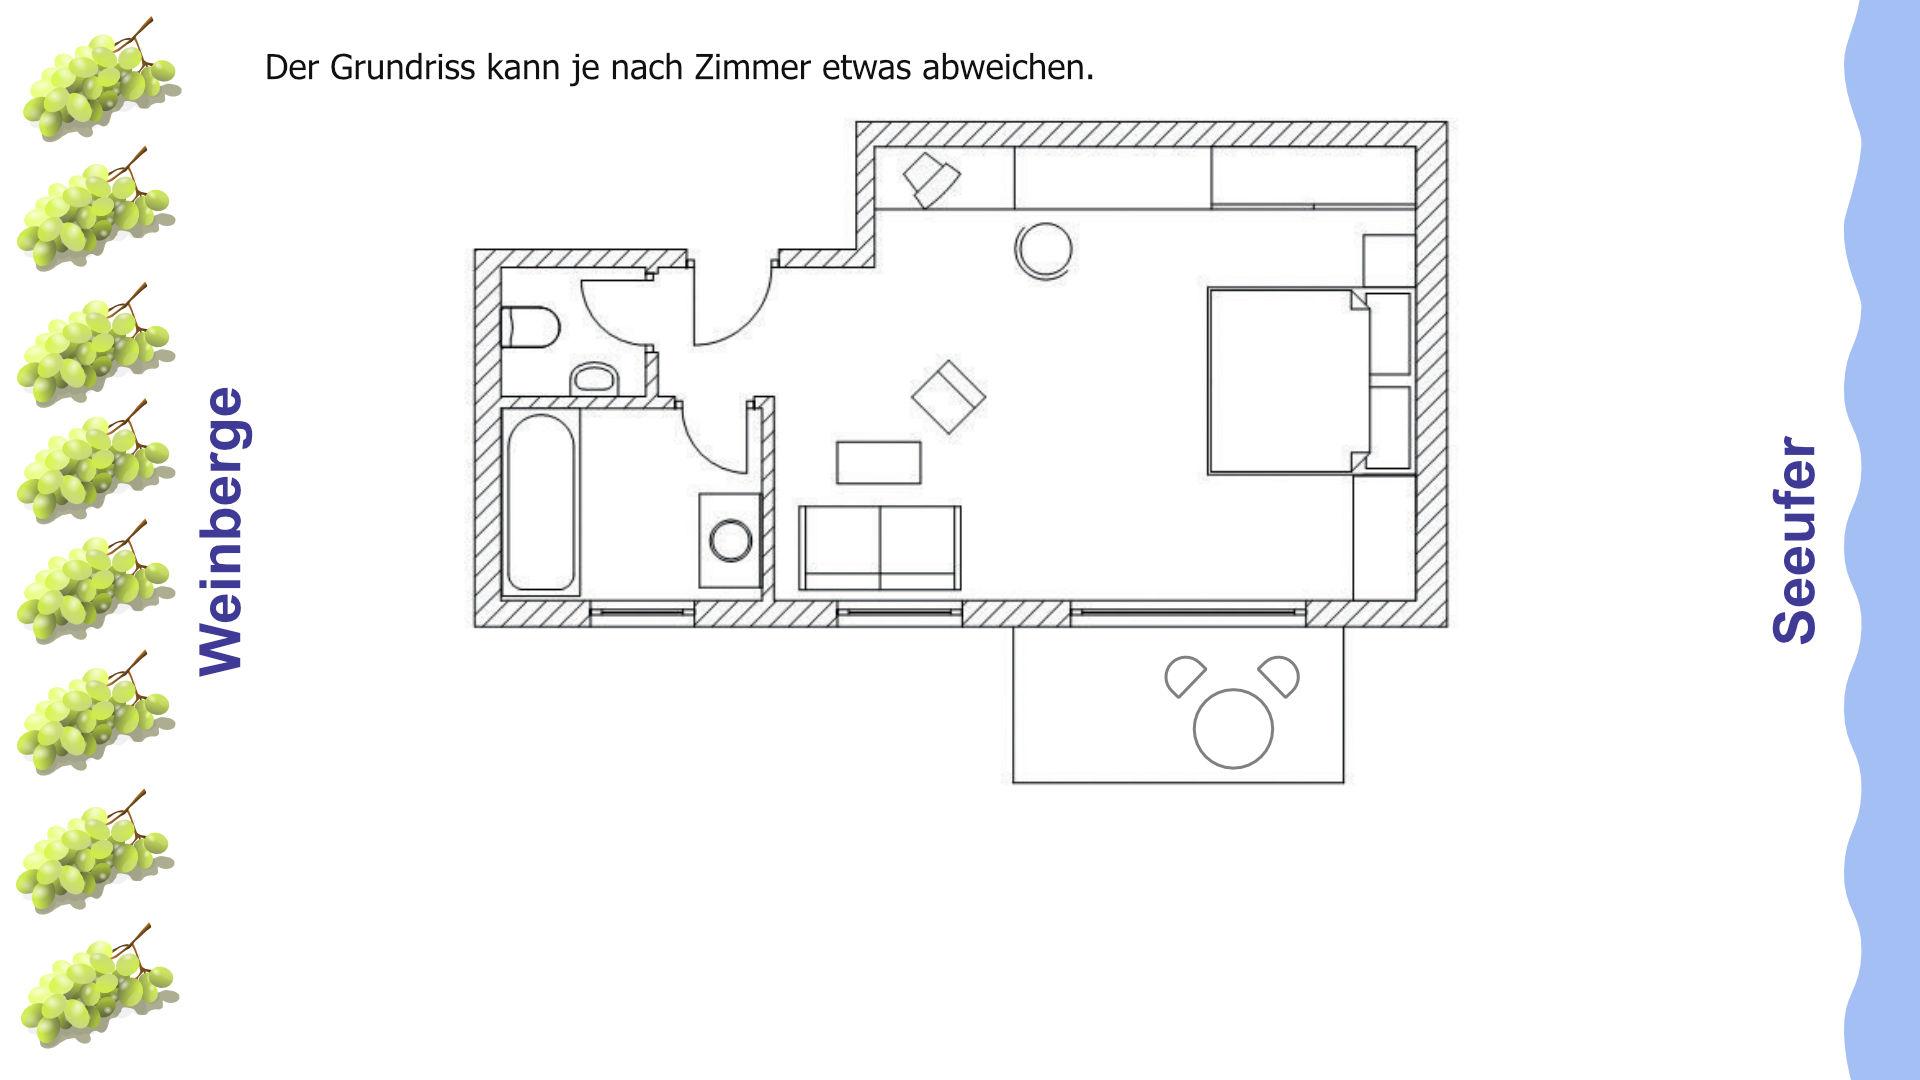 Grundriss große Doppelzimmer mit Balkon zur Seite und seitlicher Seesicht